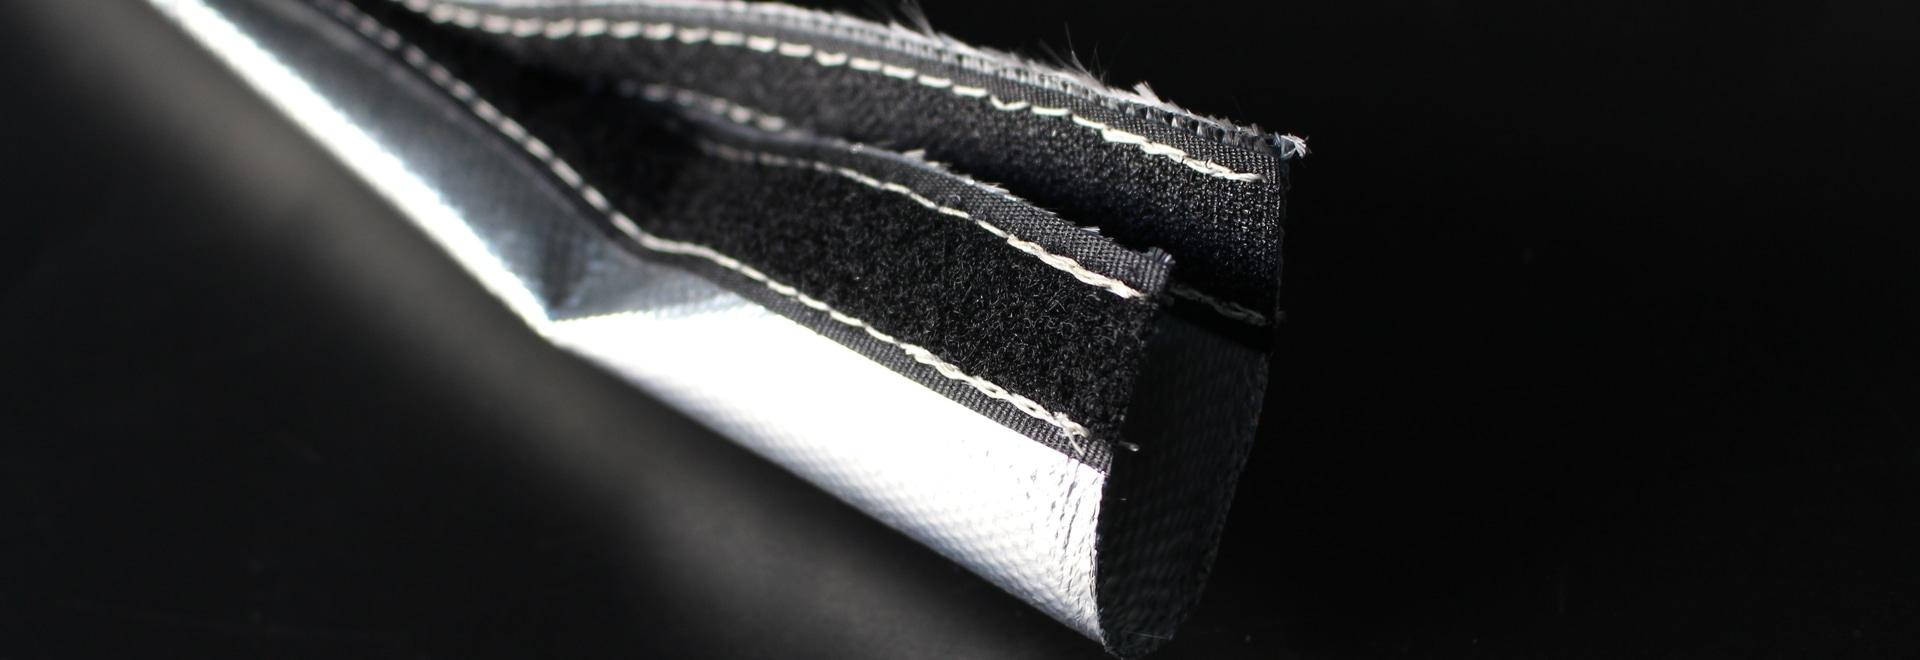 Schön Beschichtetes Kabel Fotos - Der Schaltplan - triangre.info